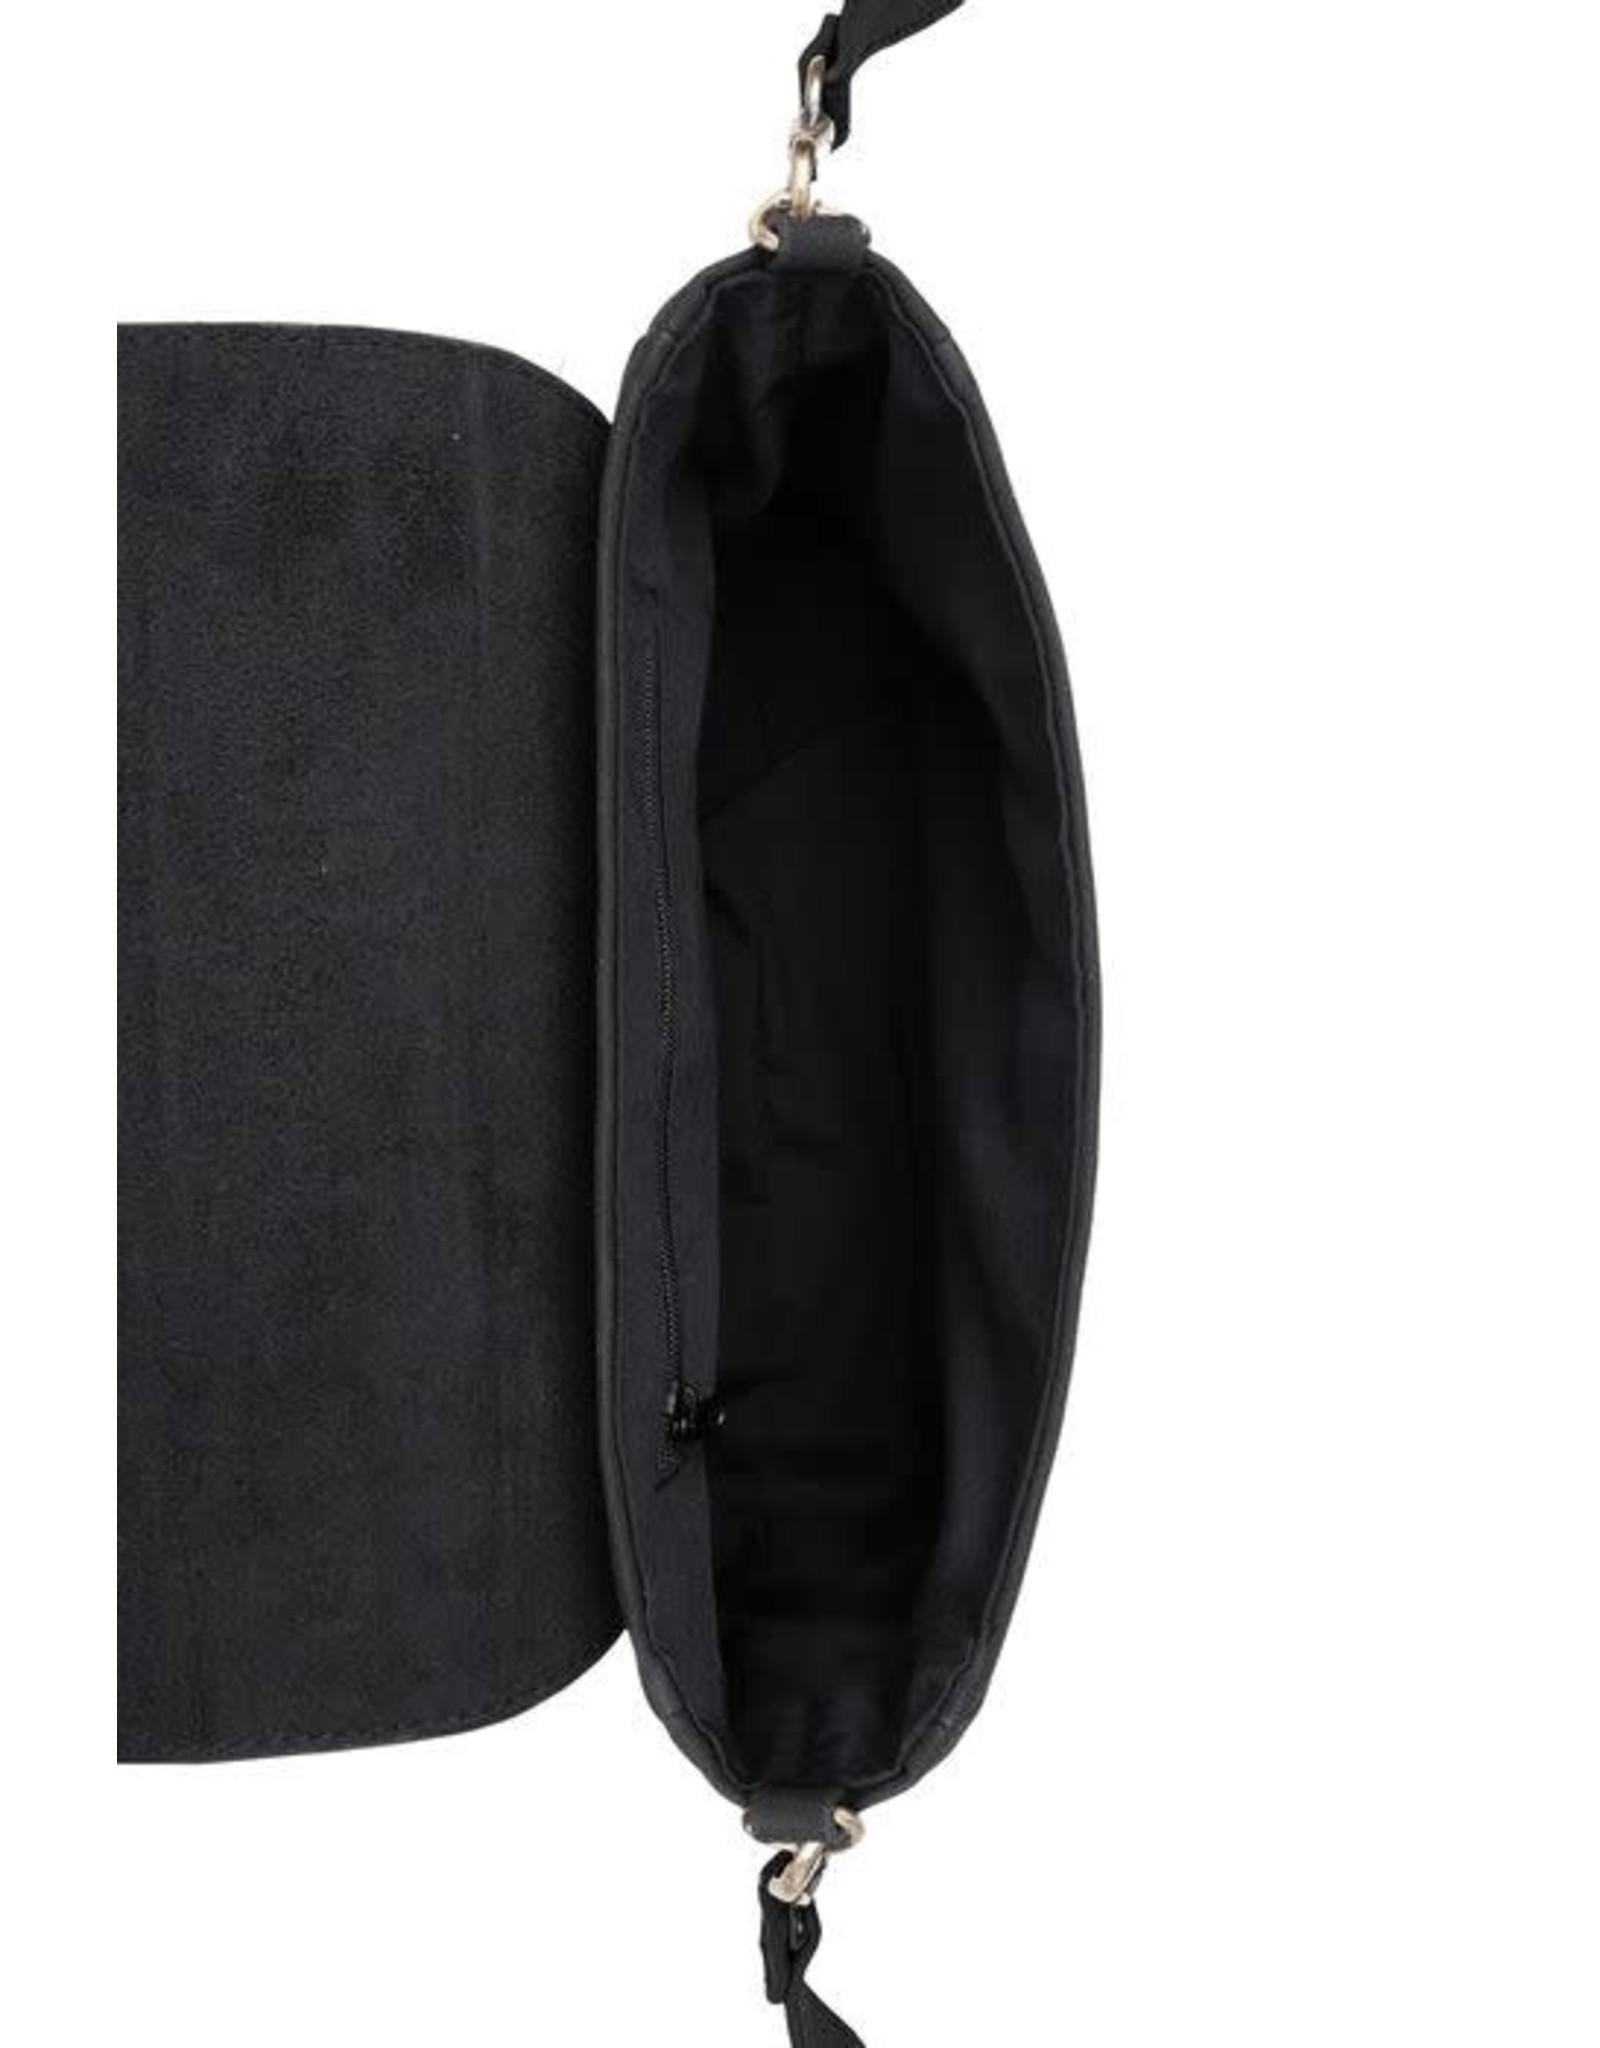 Zusss Zusss Trendy schoudertas met gesp Zwart